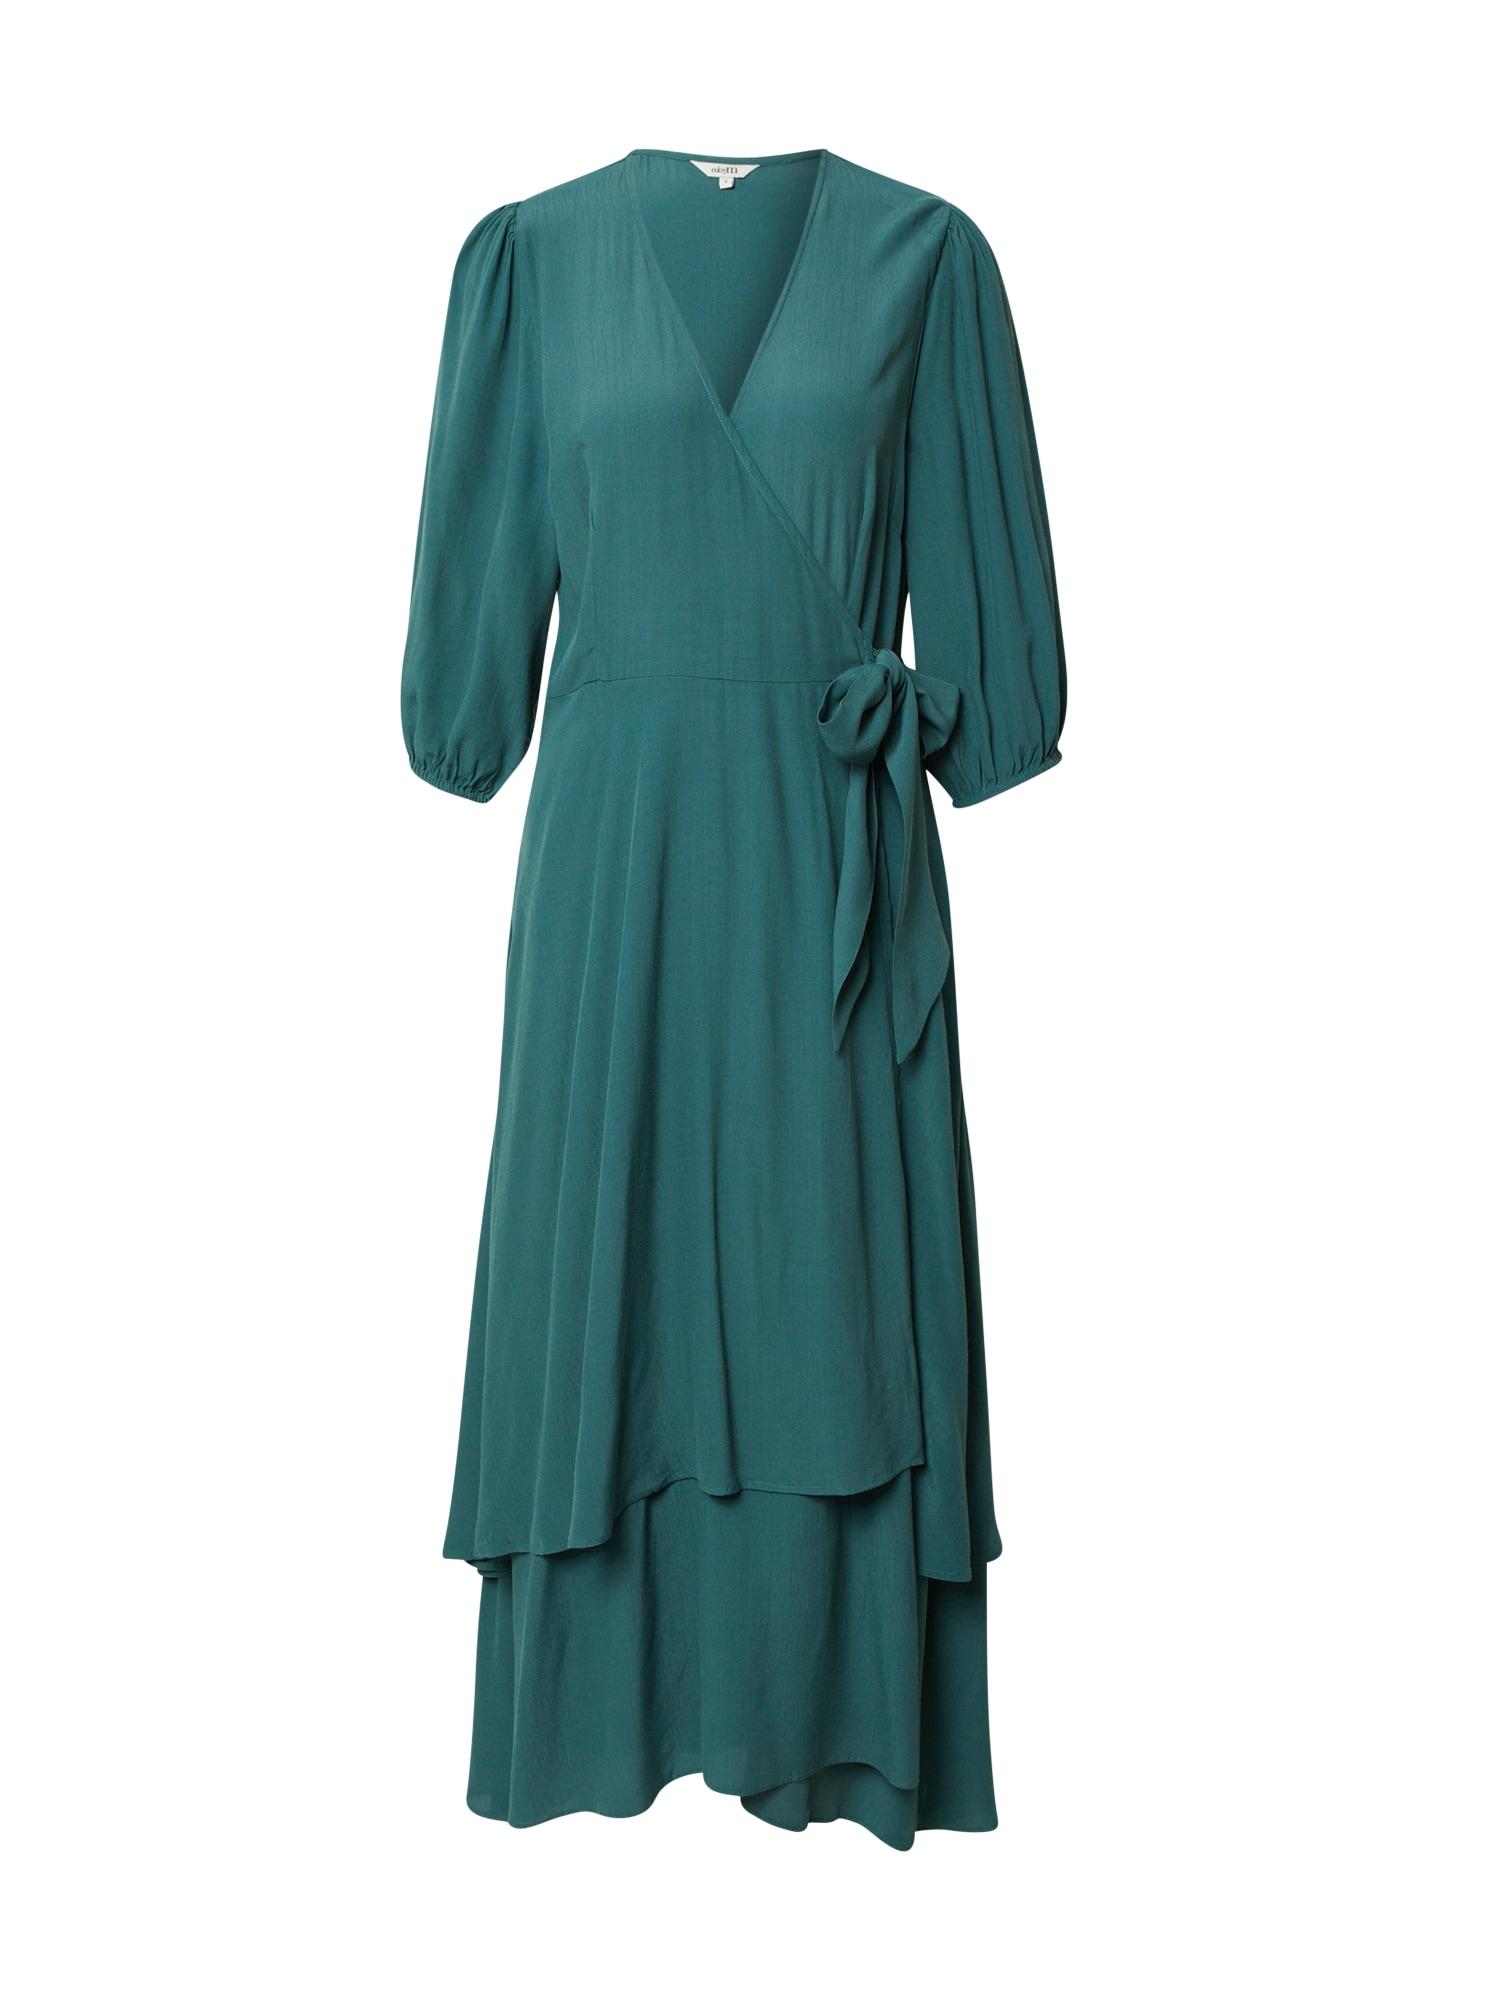 mbym Palaidinės tipo suknelė